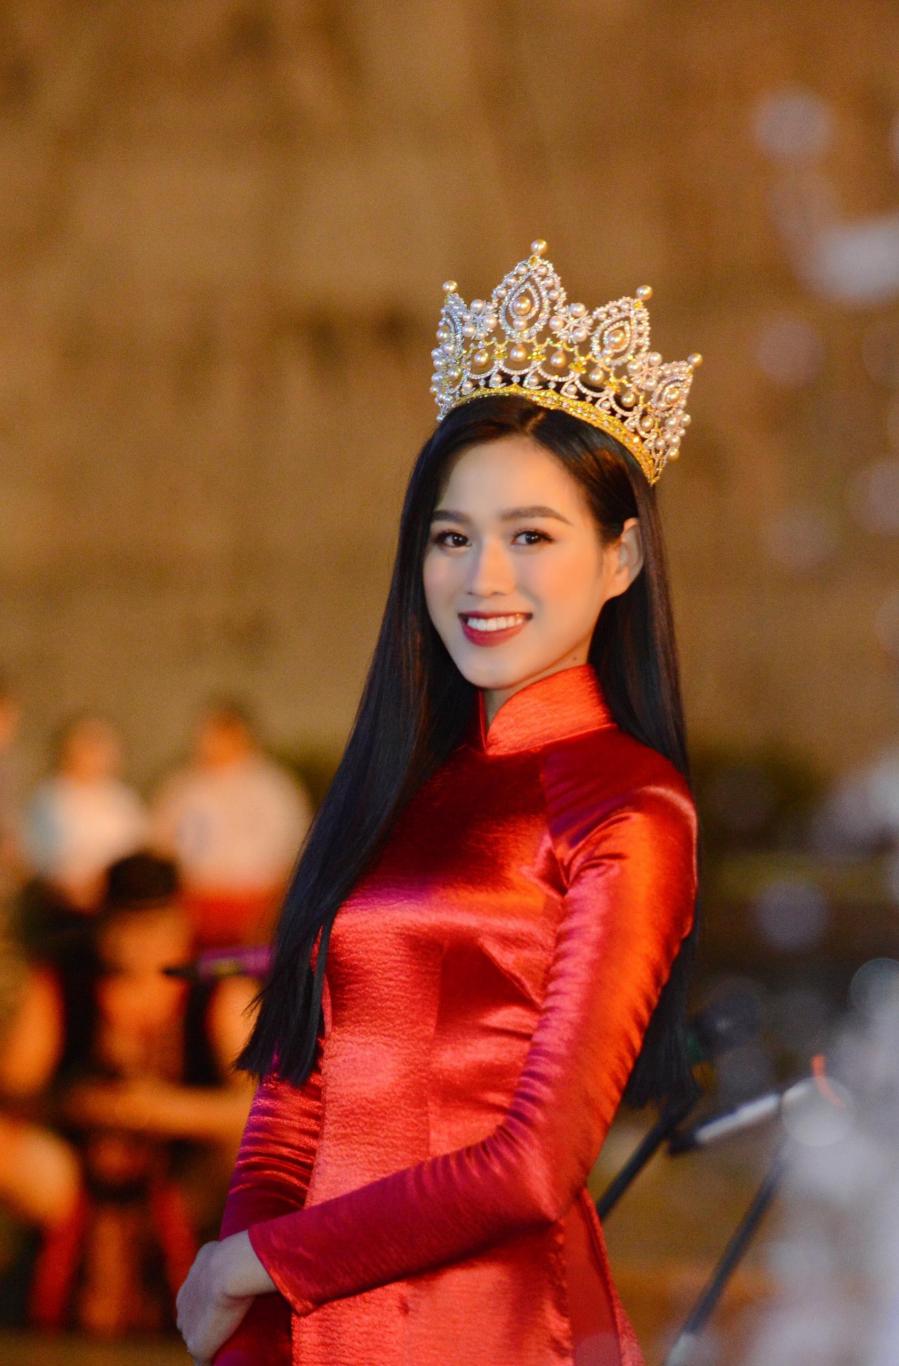 Đỗ Thị Hà gây sốt với khoảnh khắc xinh đẹp như Hoa hậu Thế giới Trương Tử Lâm và mỹ nhân Chương Tử Di